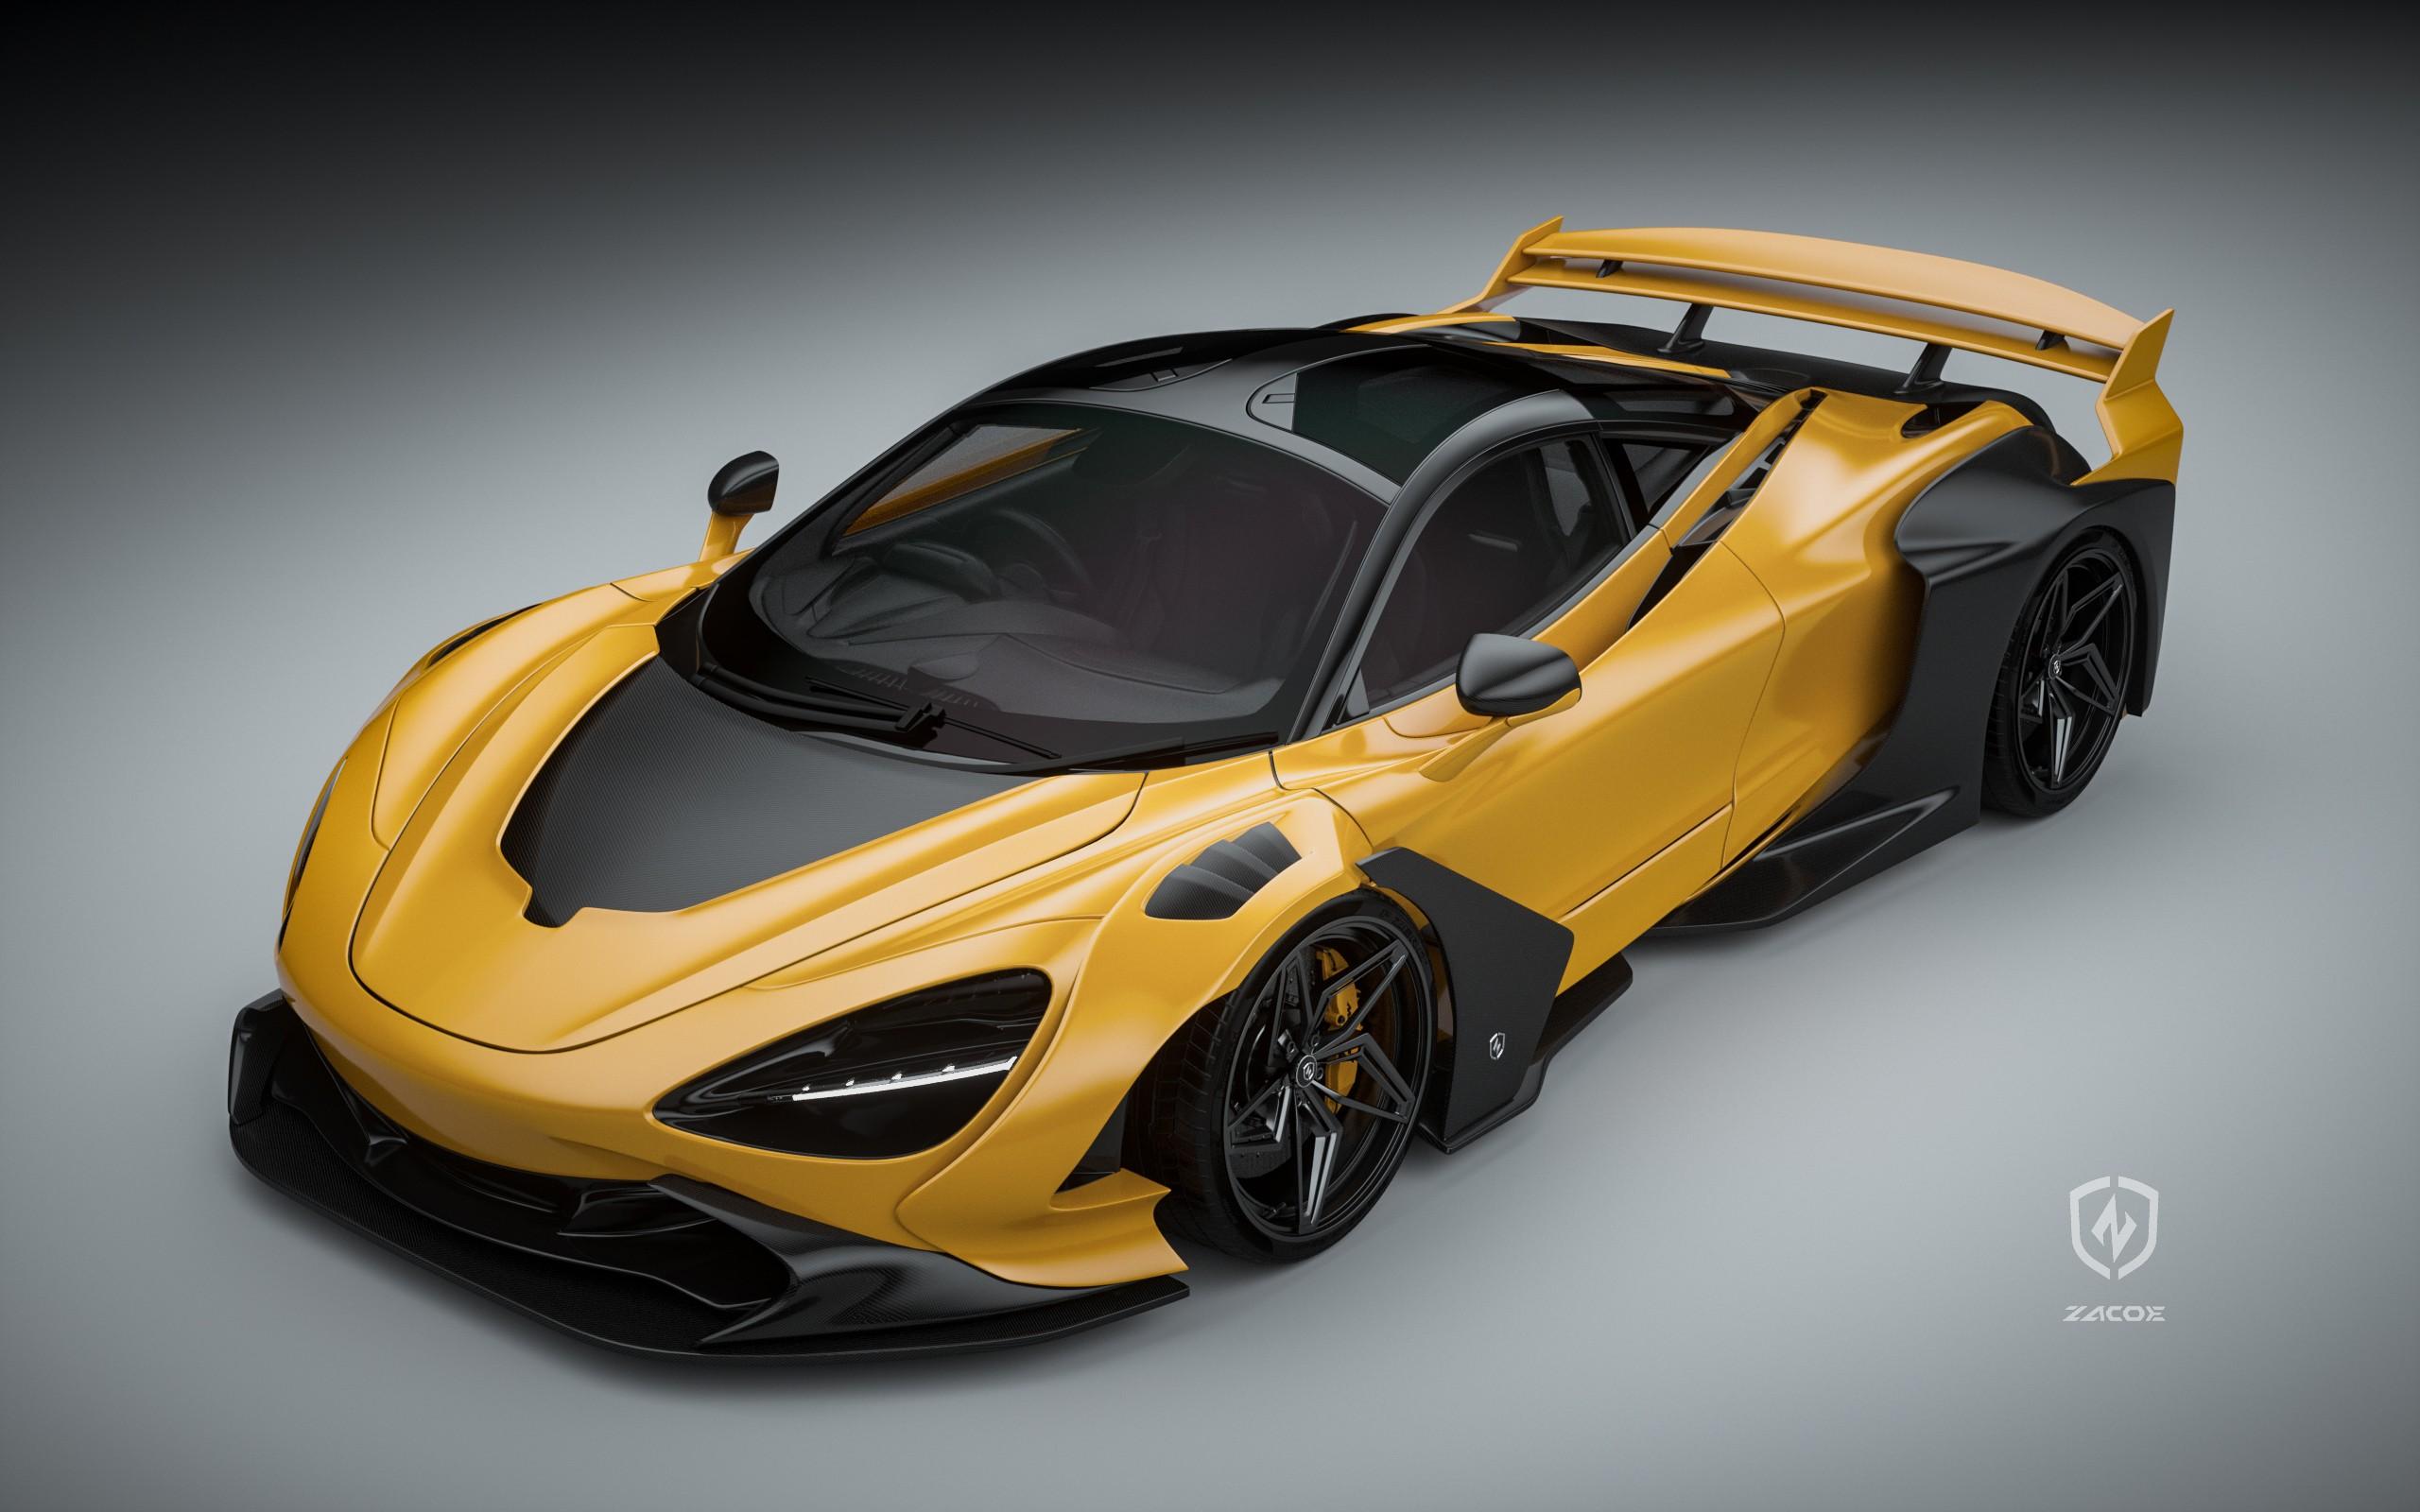 McLaren-720S-by-Zacoe-2